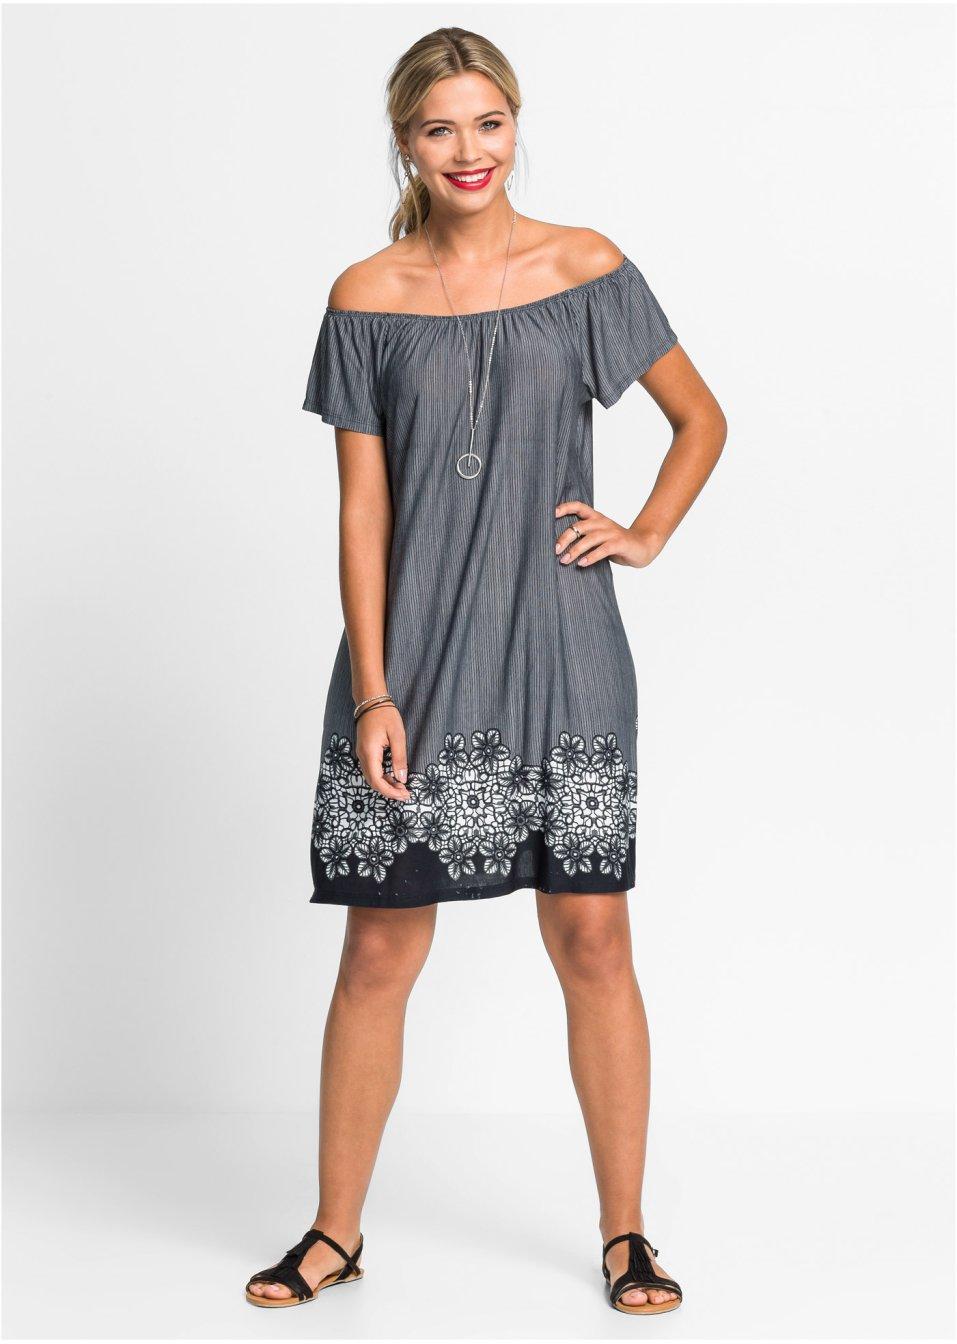 Carmen-Kleid schwarz/weiß gestreift - Damen - RAINBOW ...